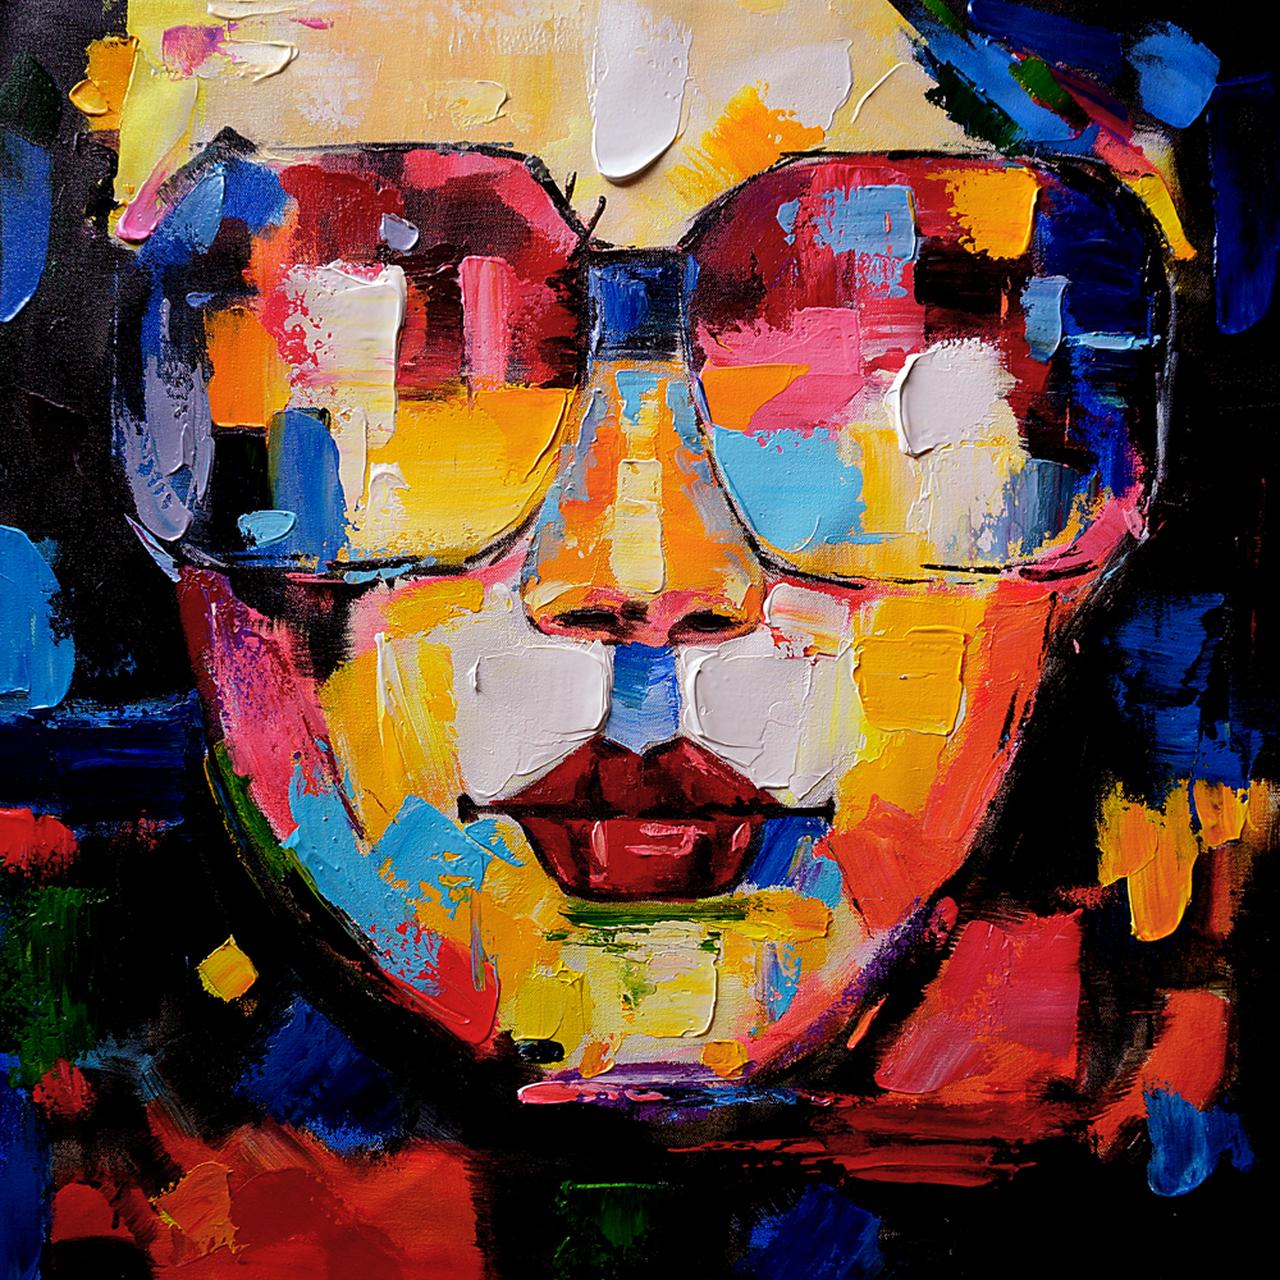 ศิลปะทำให้เรามีจินตนการที่กว้างมากขึ้น